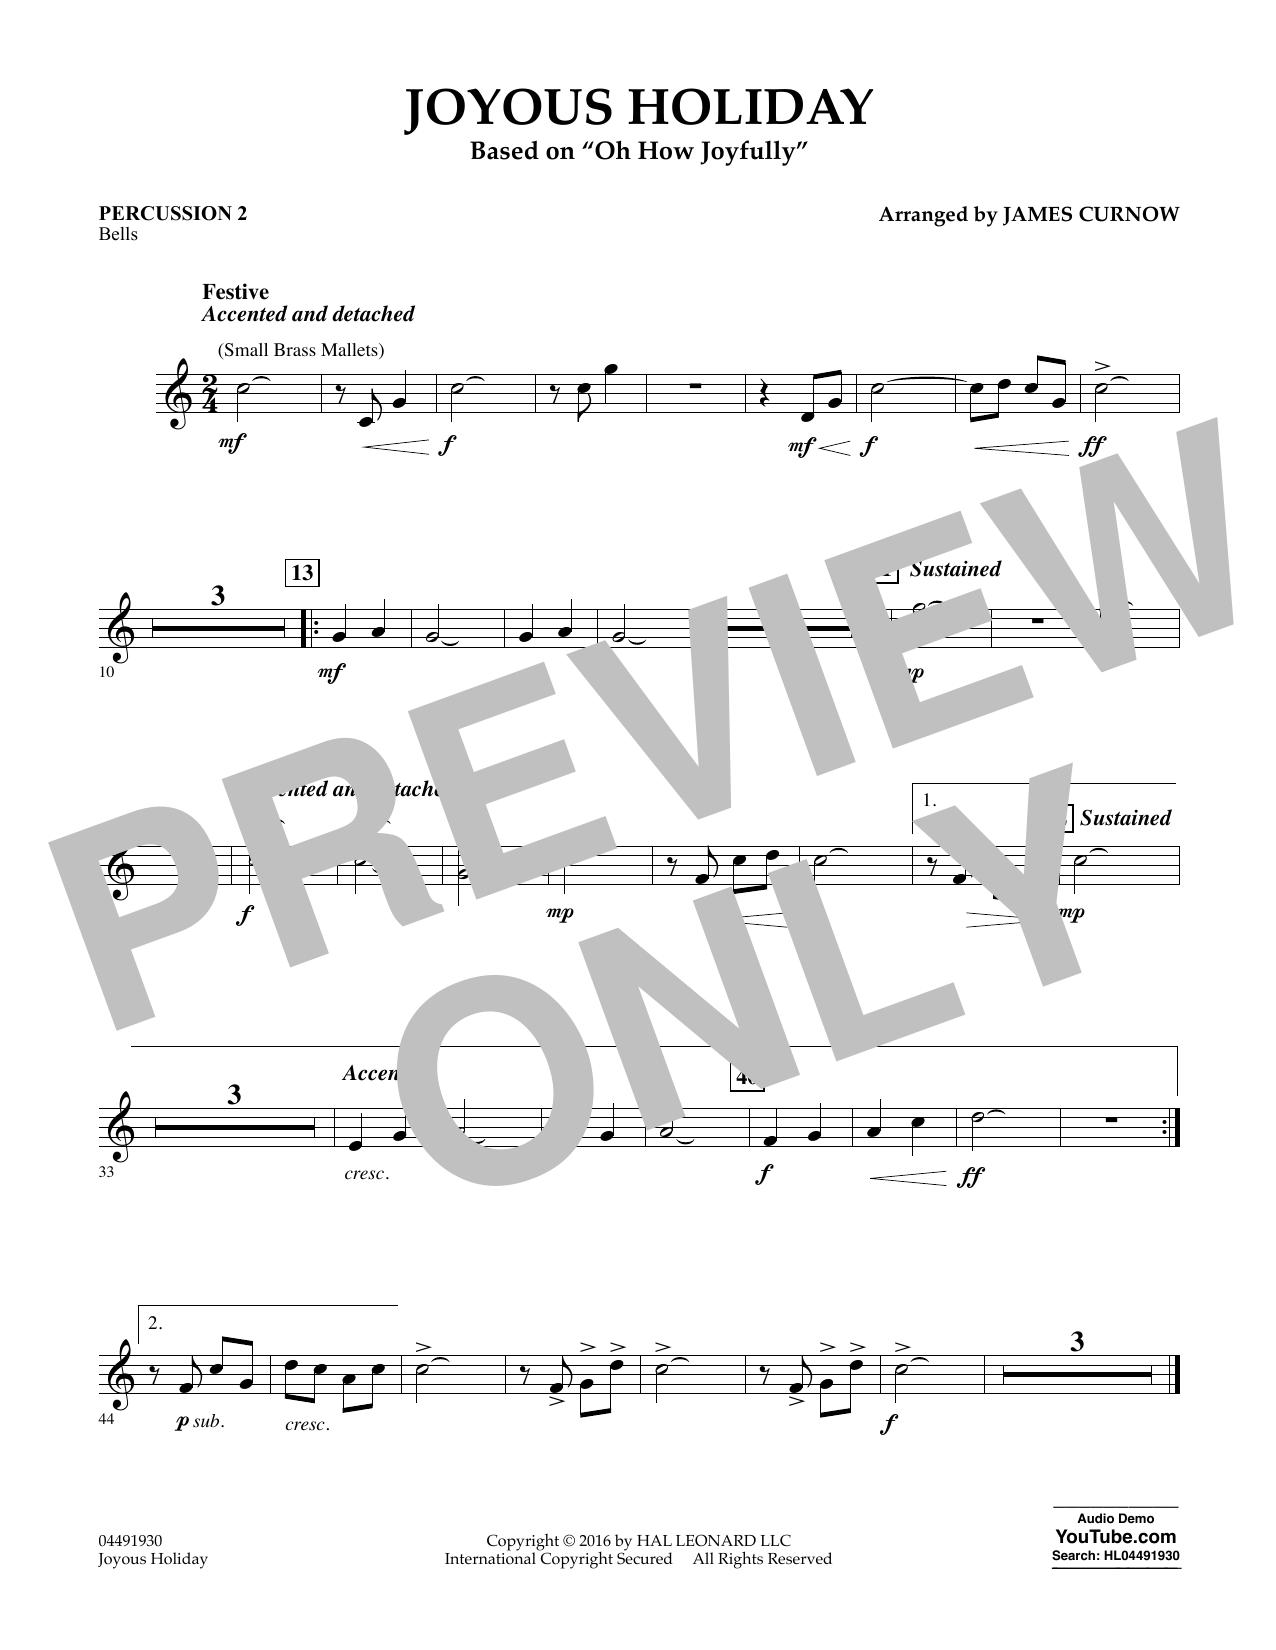 Joyous Holiday (based on Oh How Joyfully) - Percussion 2